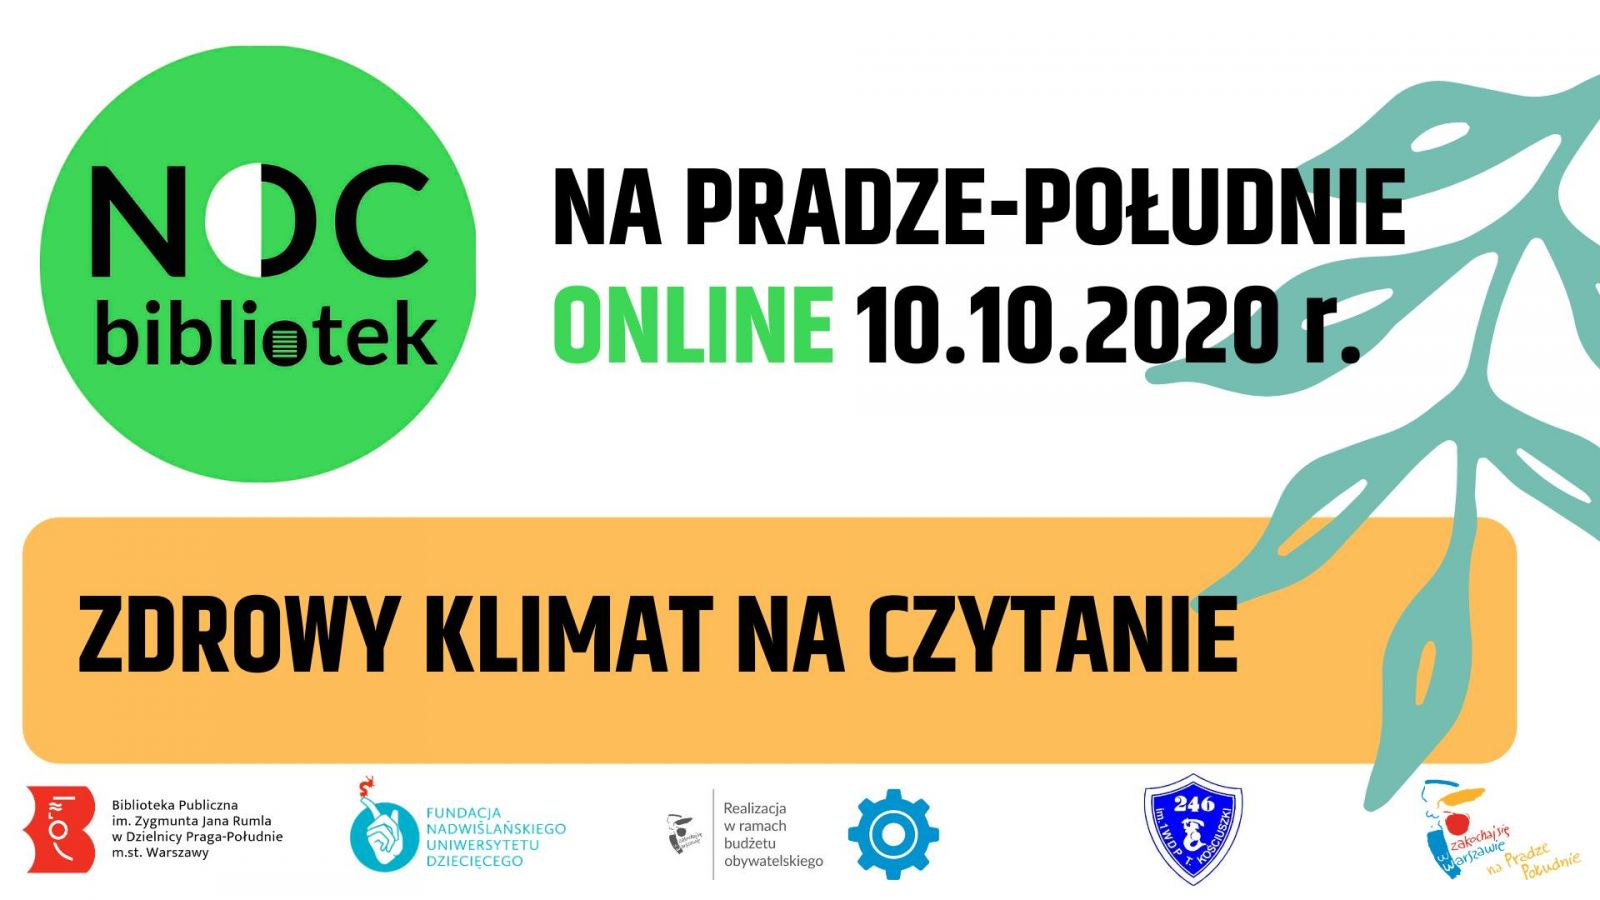 Plakat promujący Noc Bibliotek na Pradze-Południe online.